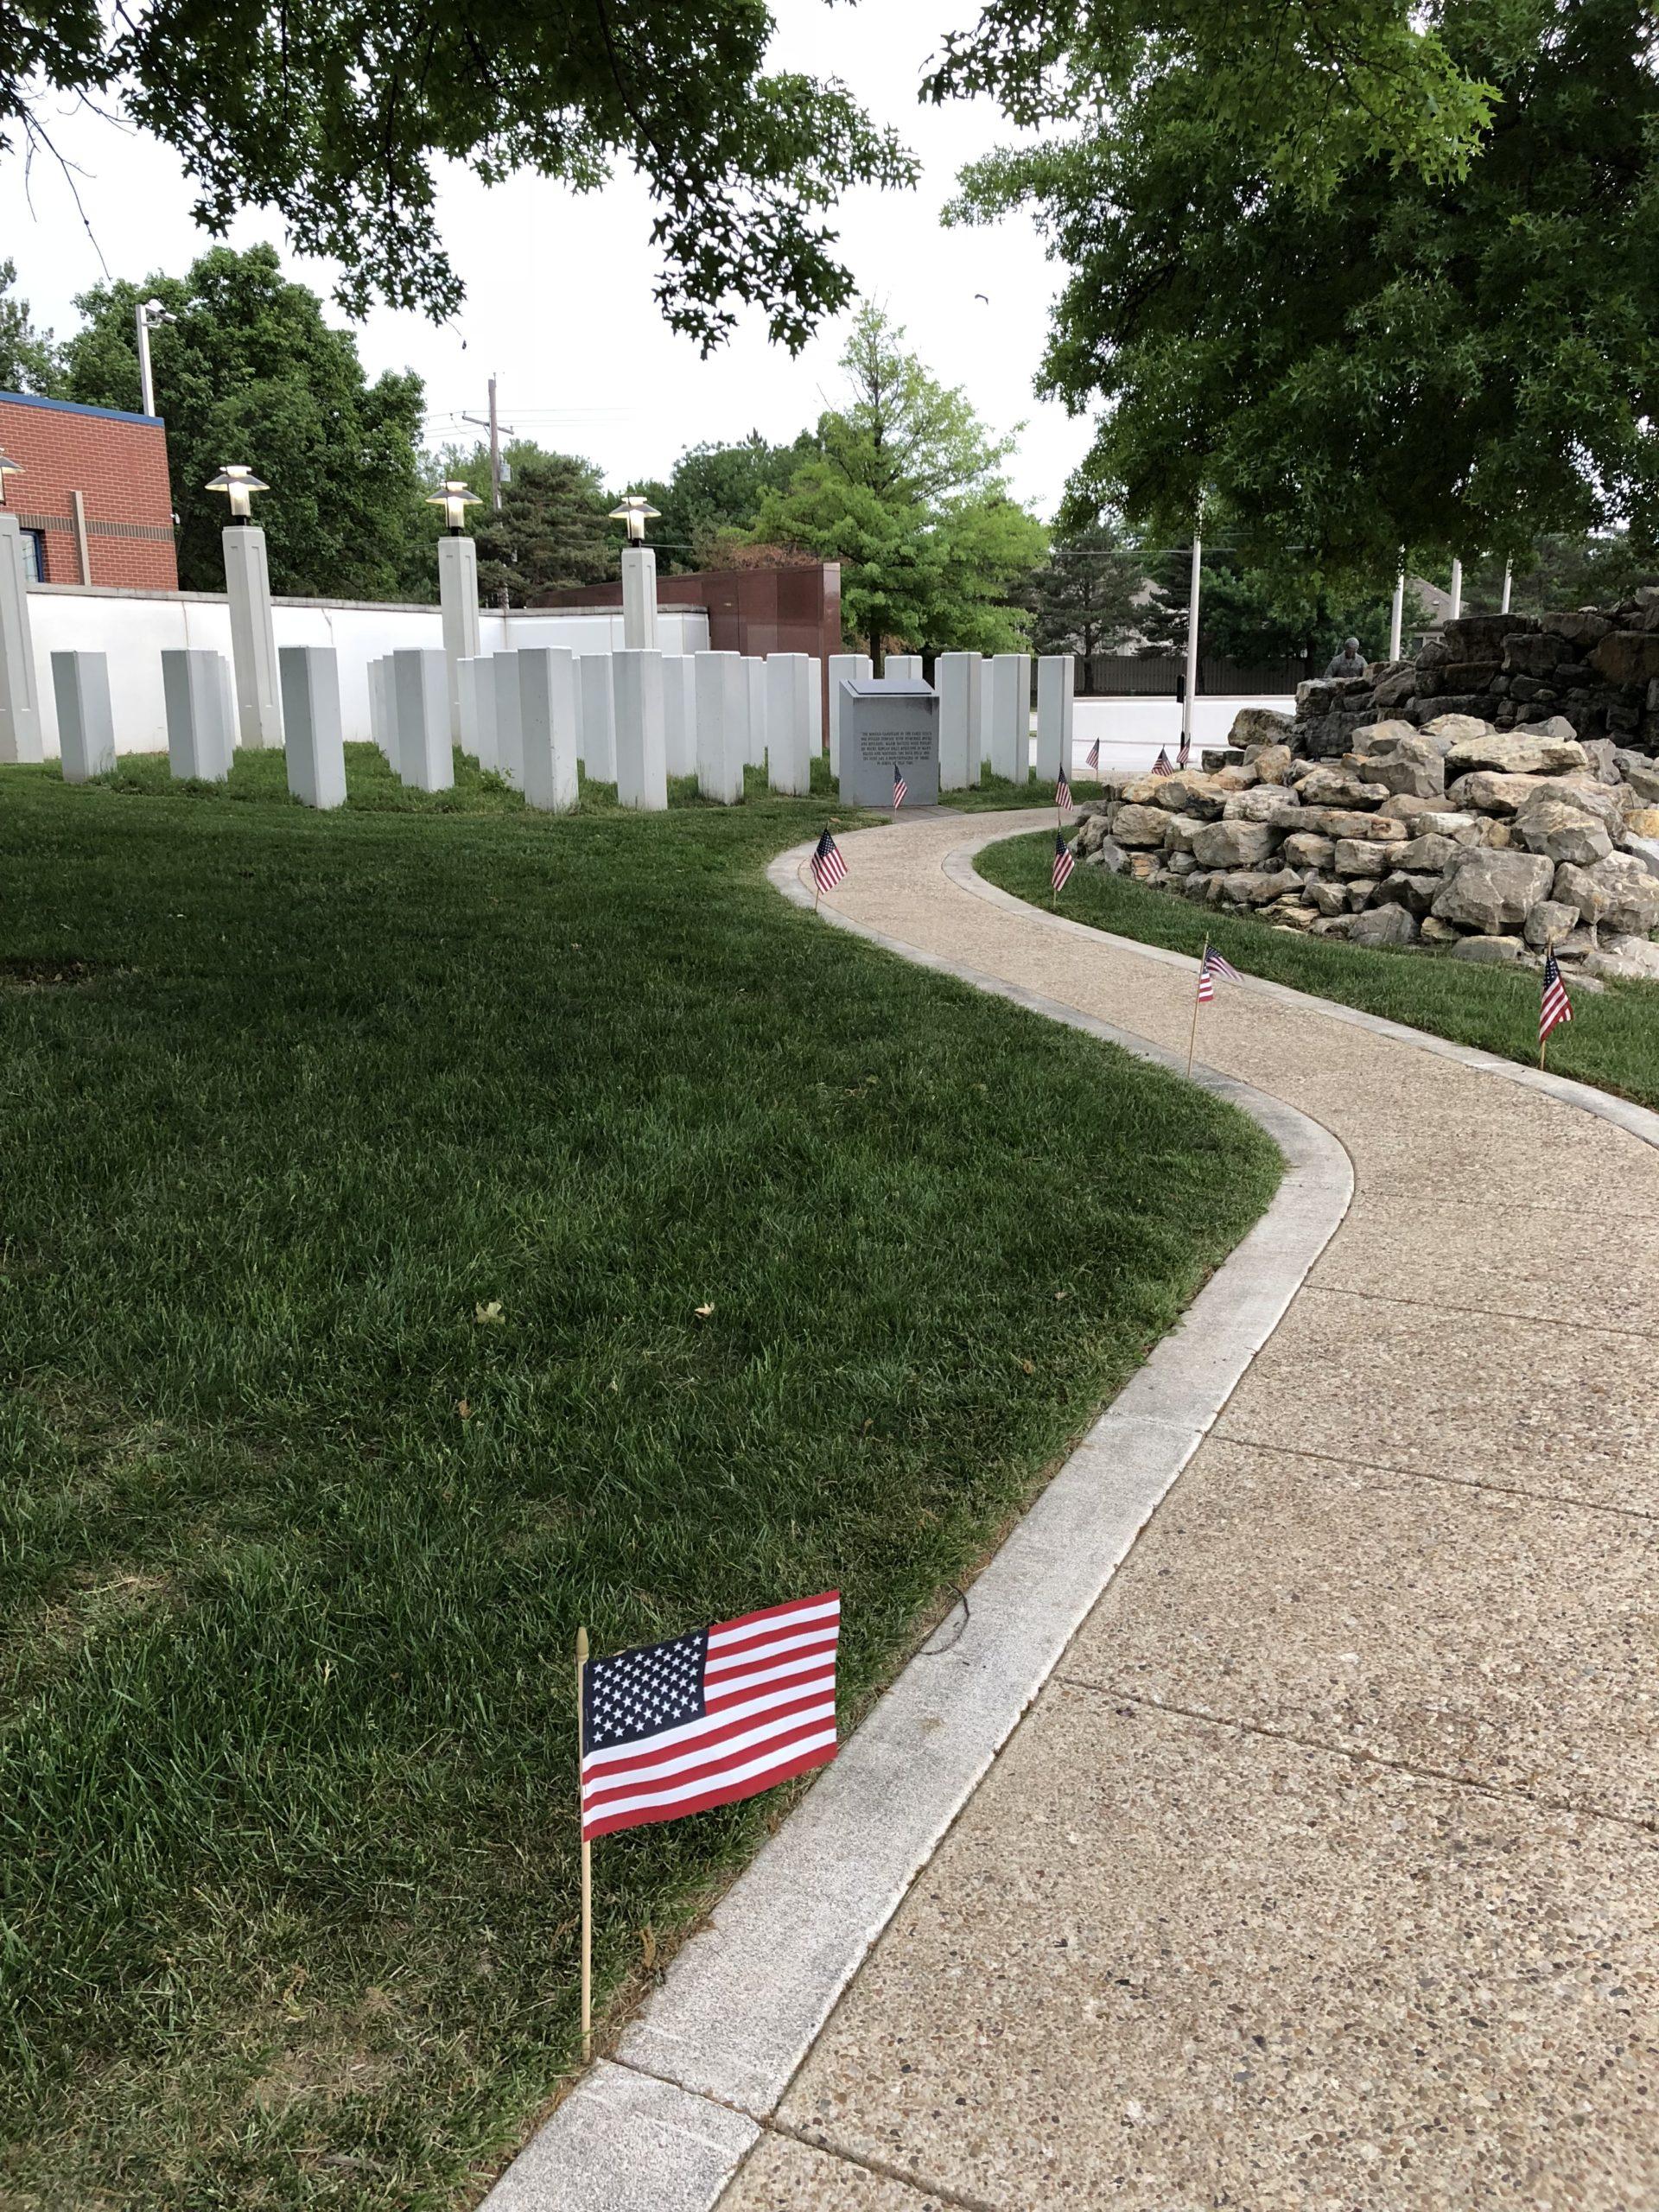 Korean War Memorials - Overland Park